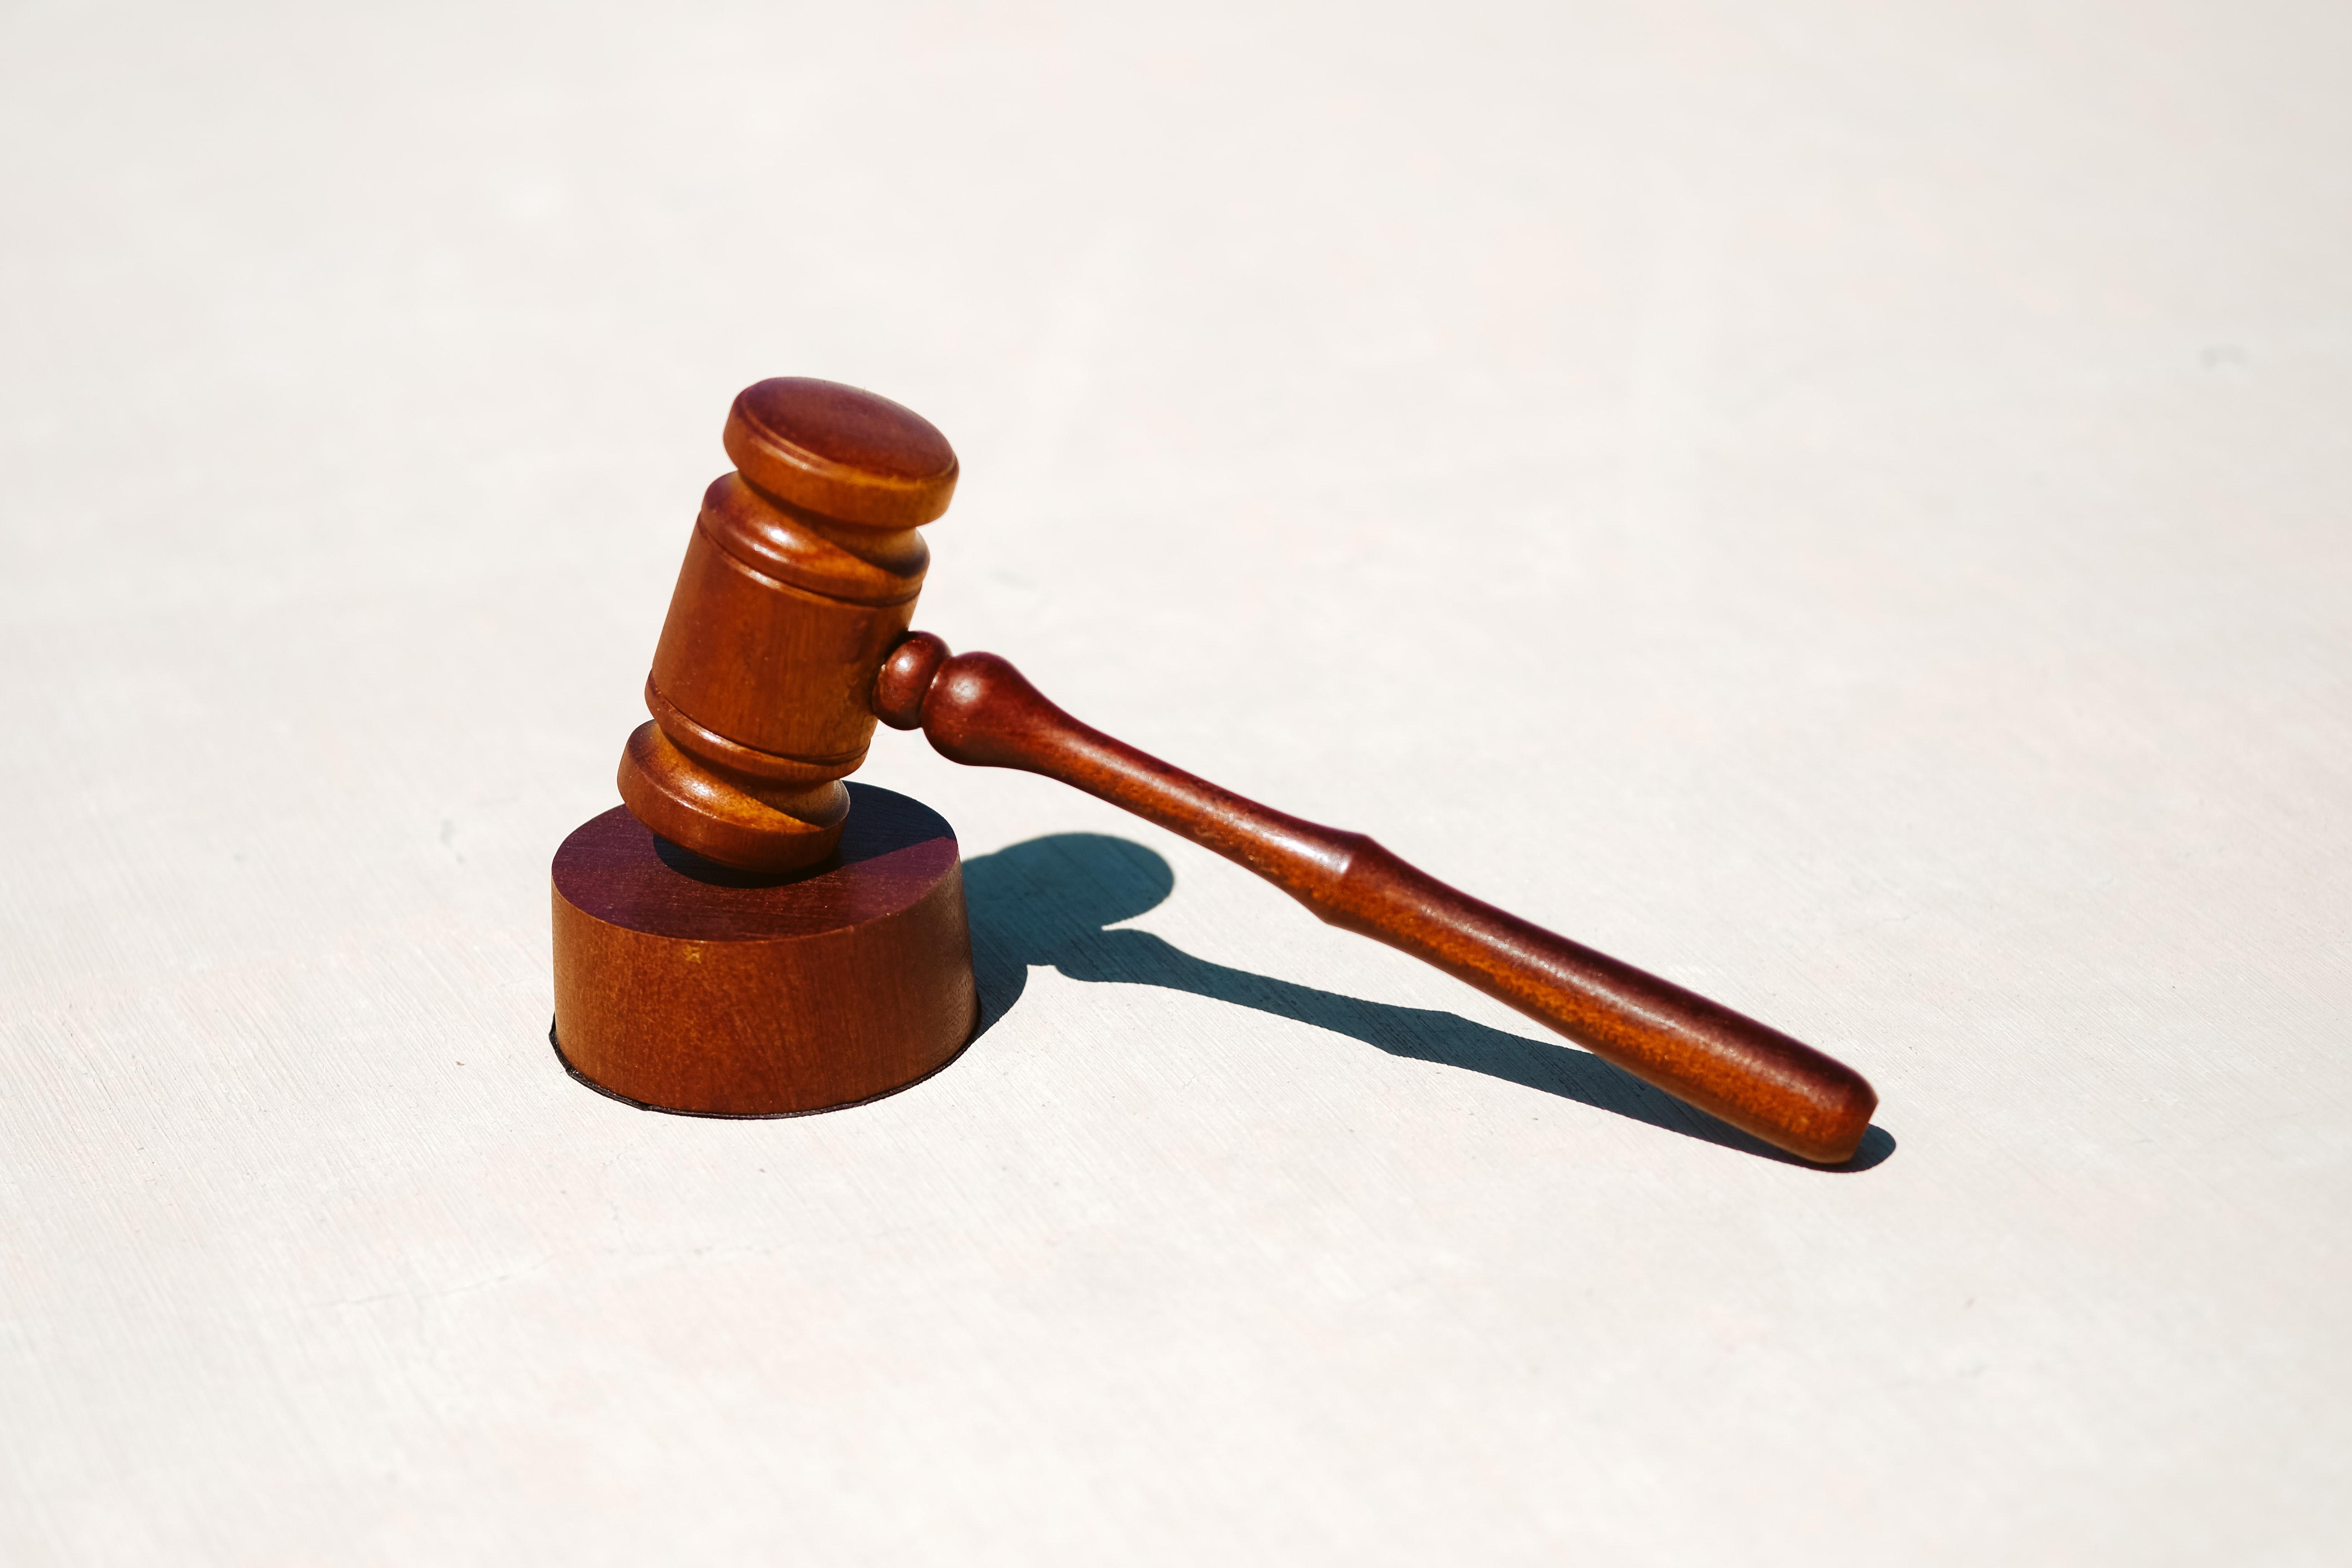 Précision du Conseil d'Etat sur le délai entre recours préalable et contentieux